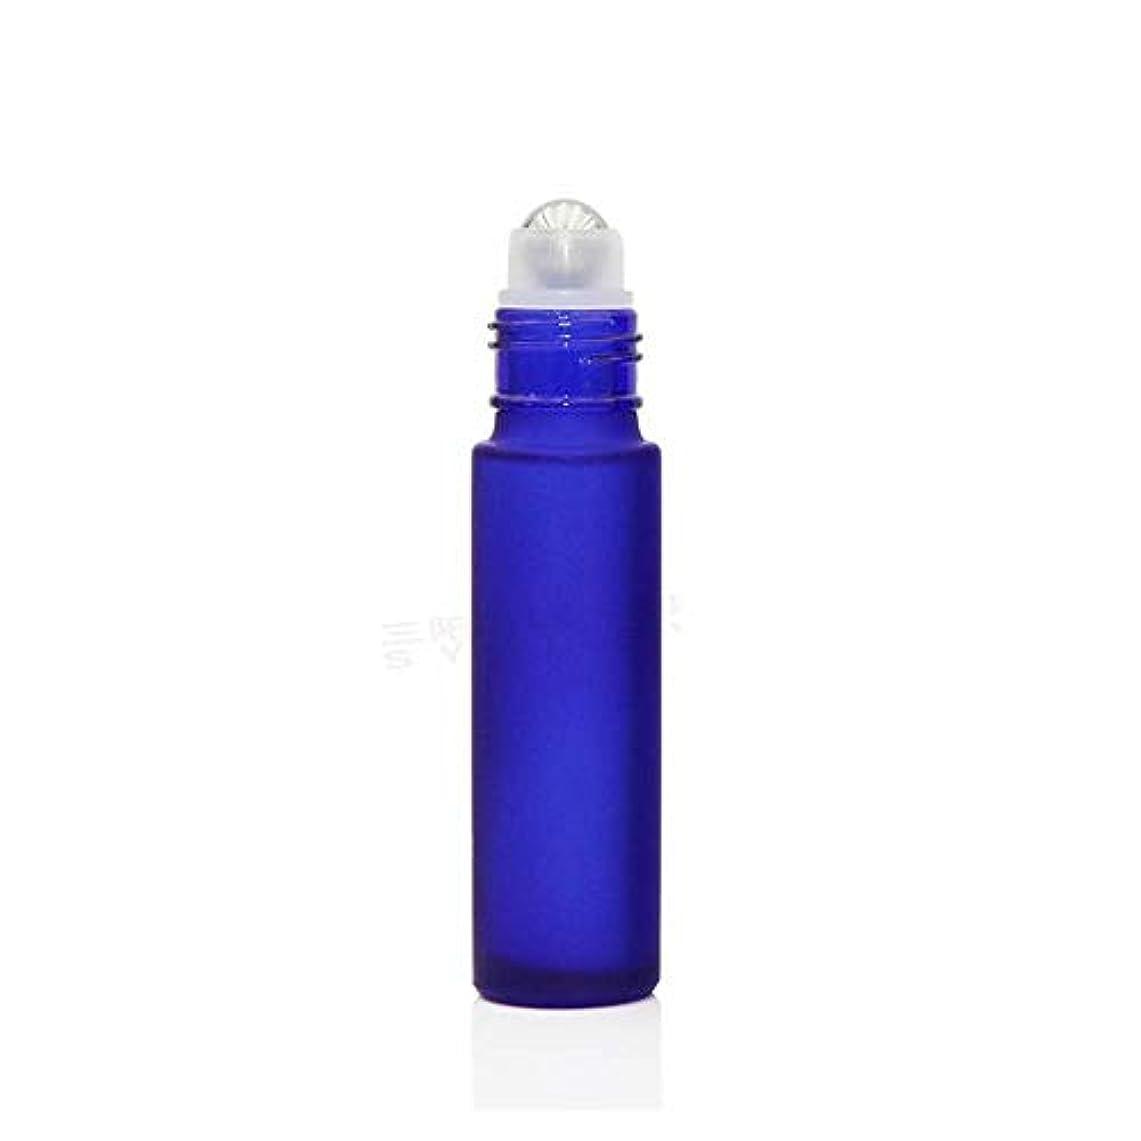 拍手する植物の干渉するgundoop ロールオンボトル アロマオイル 精油 小分け用 遮光瓶 10ml 10本セット ガラスロールタイプ (ブルー)